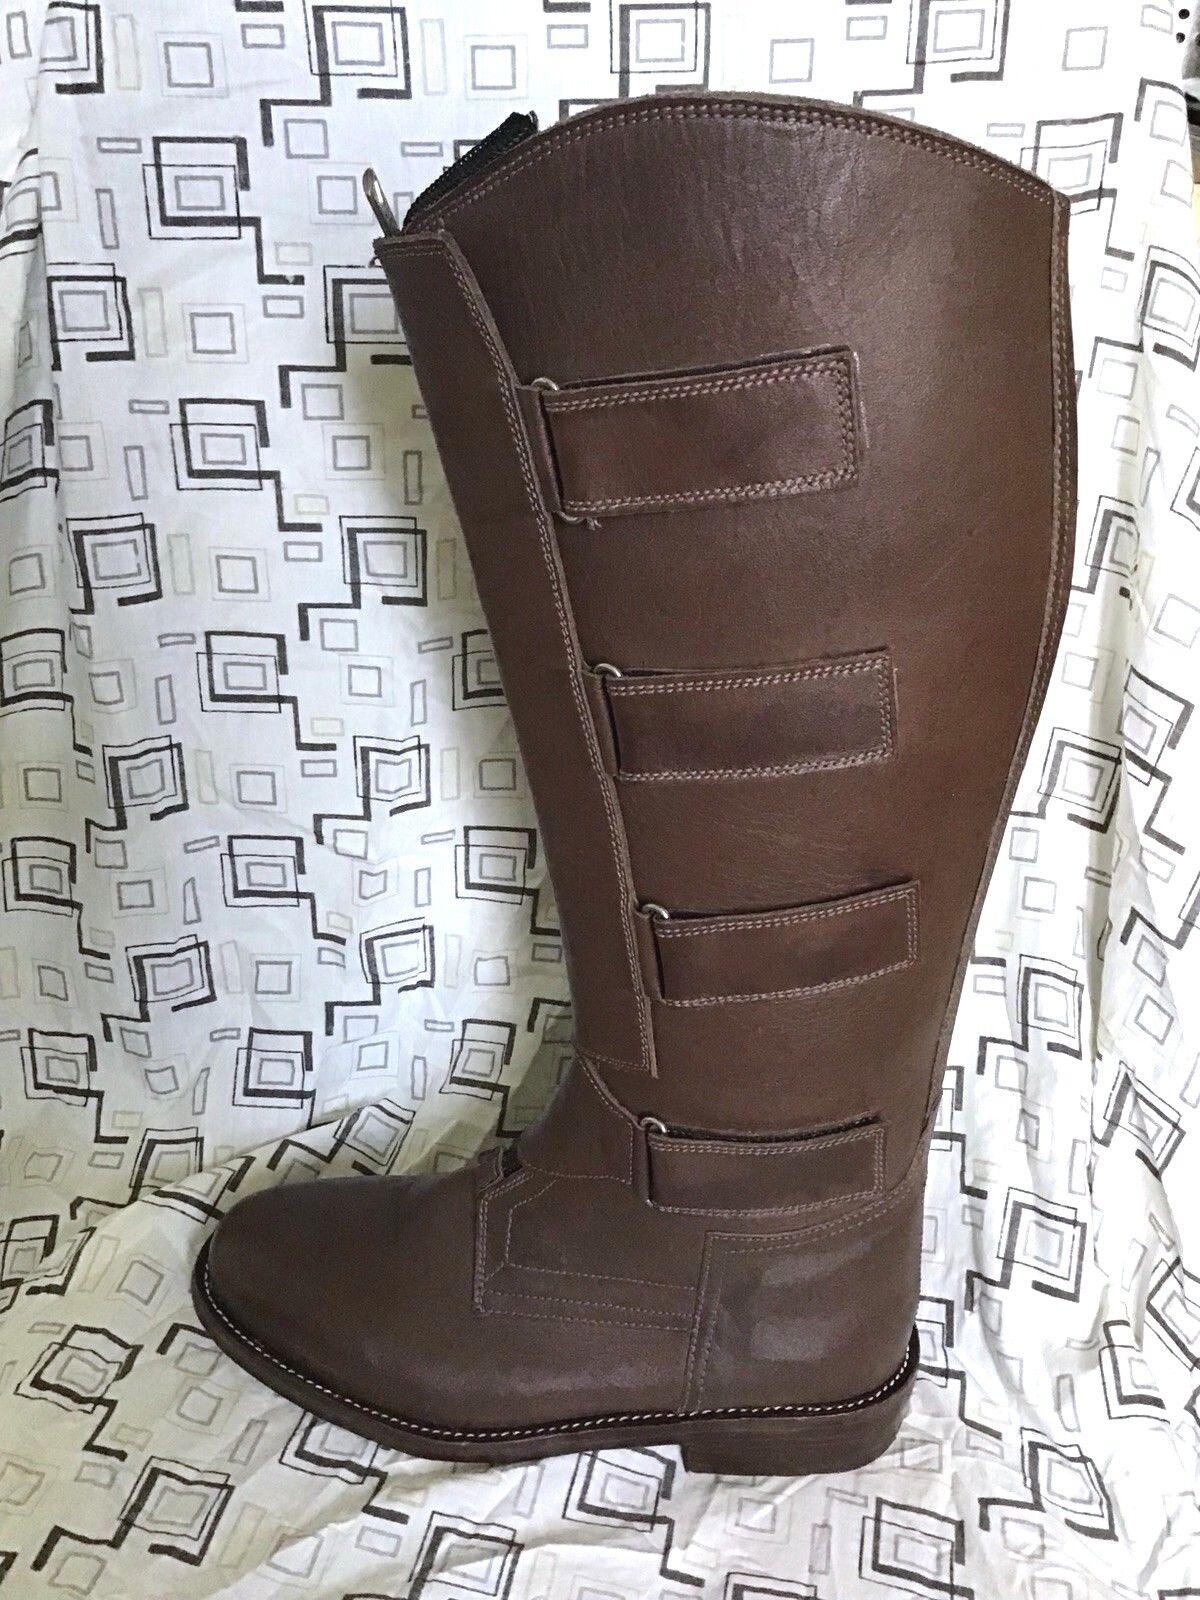 Polo Player s stövlar - Män livrar 65533;65533; s 12 - brun - Equestrian Tall stövlar - Leather